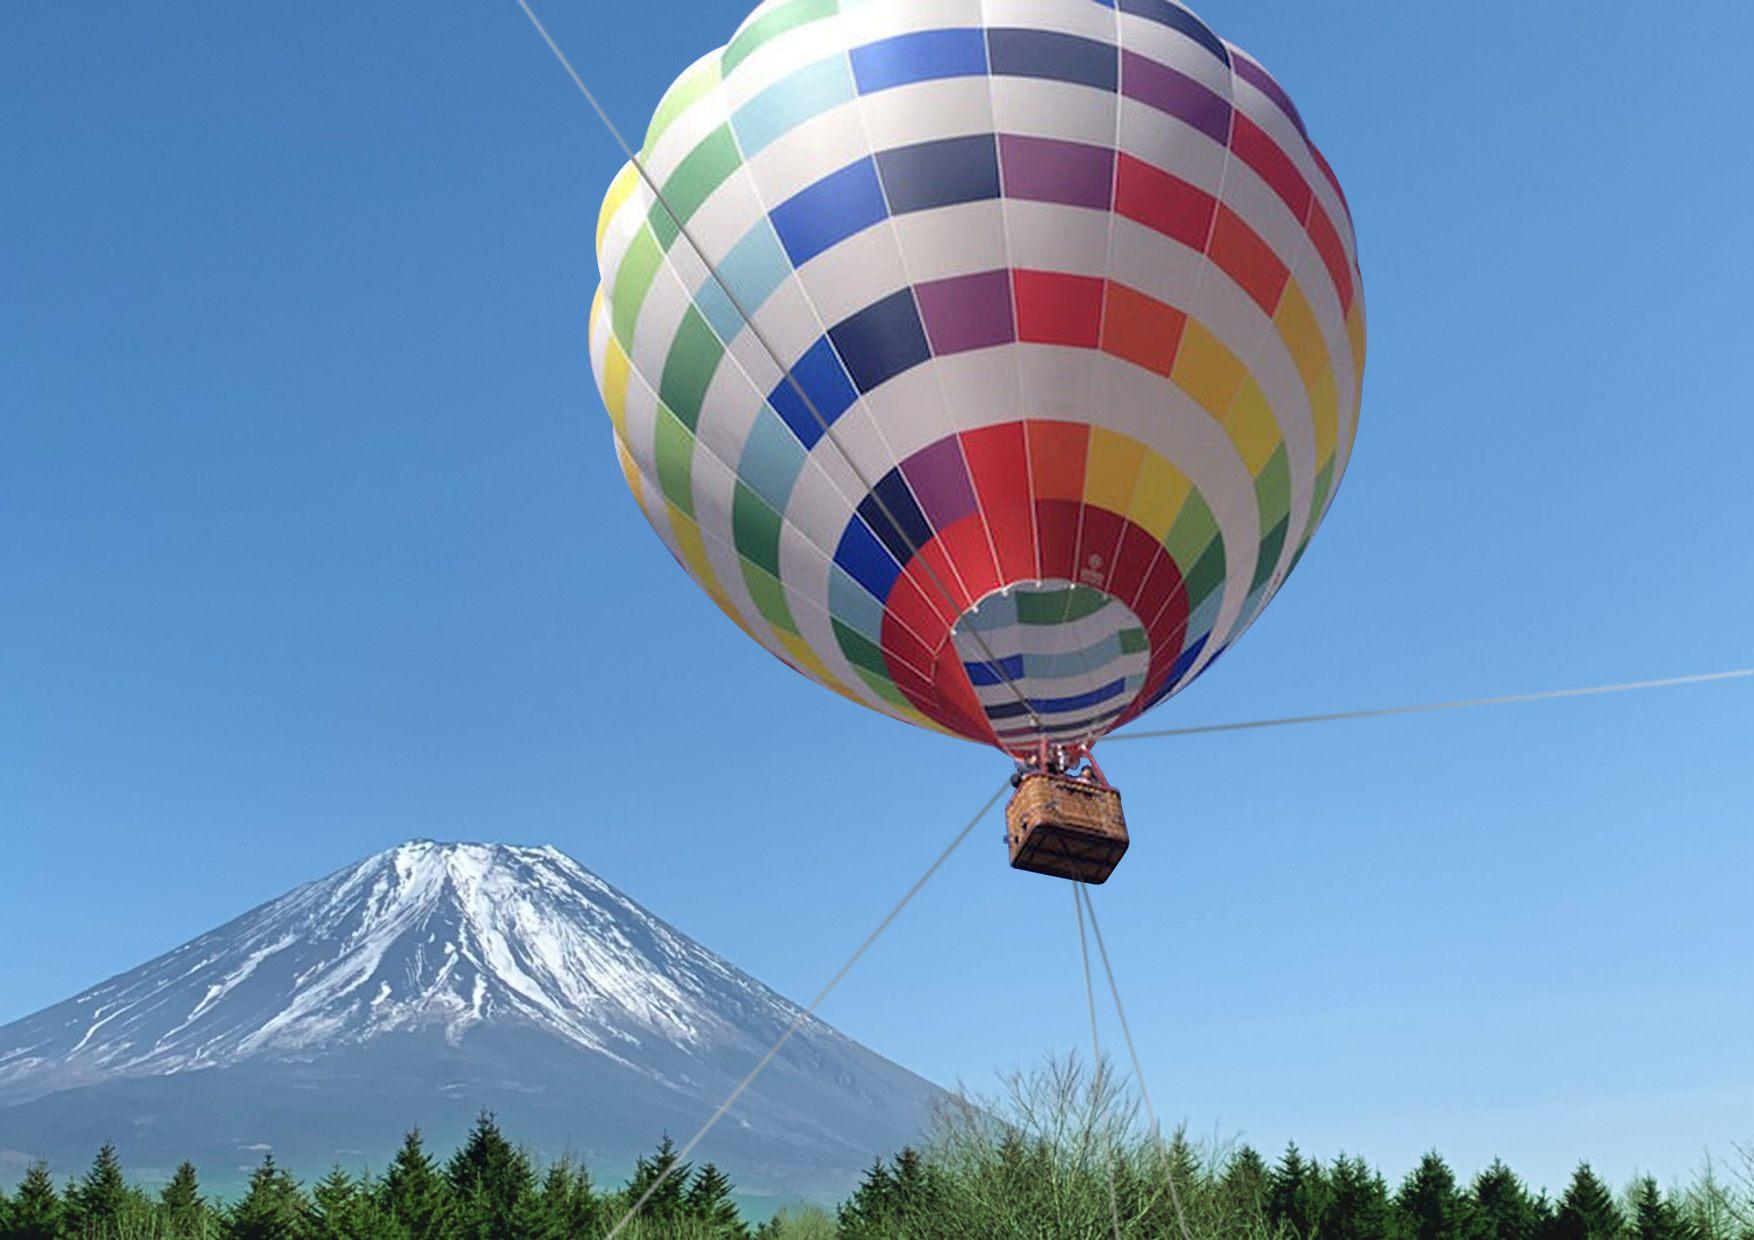 搭上热气球一望绝美景致! ※图片仅供参考